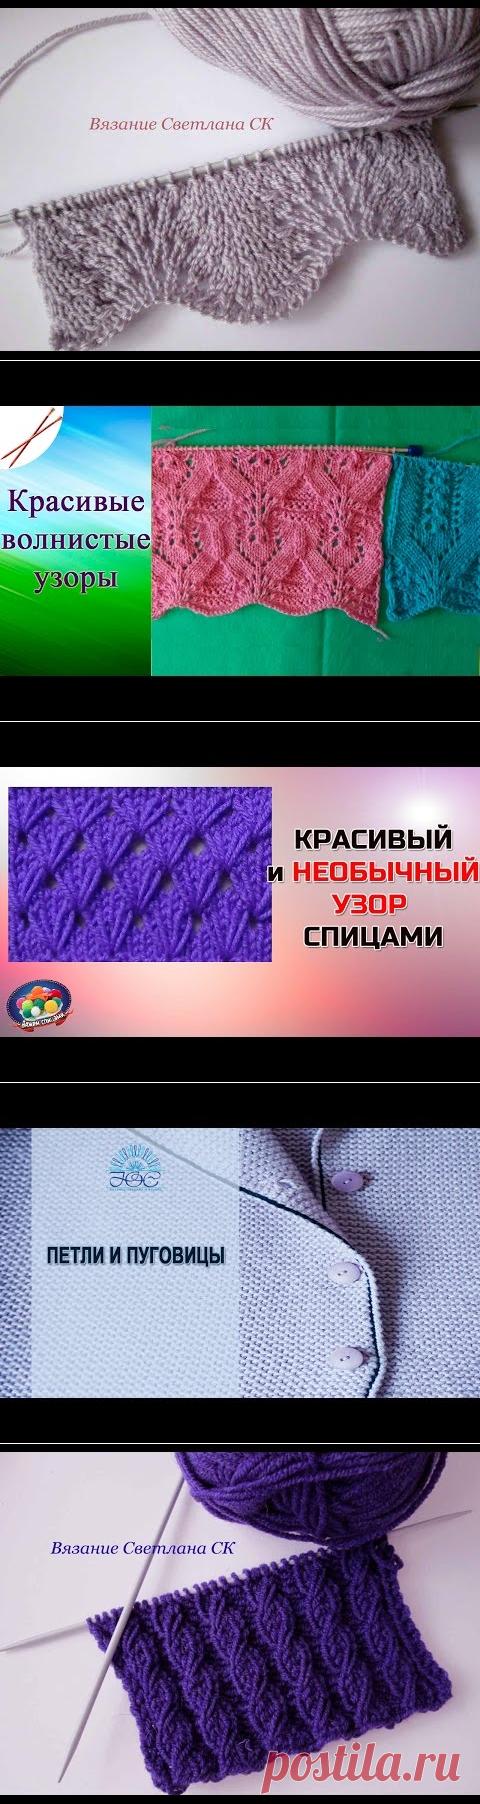 Узоры спицами Объемные волны - YouTube